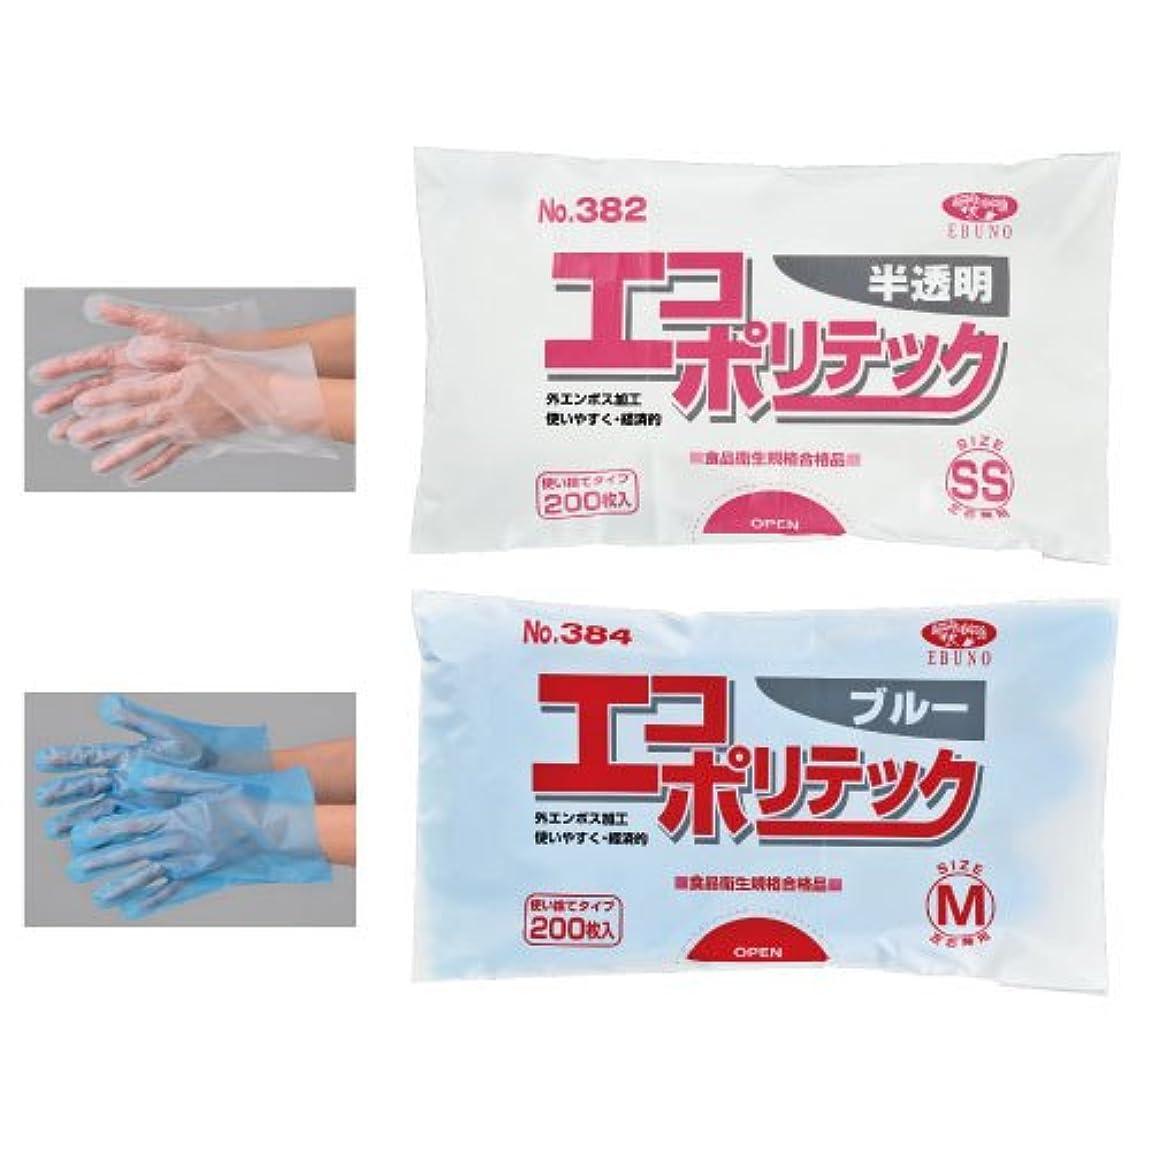 ライトニングリンスオープニングエブノ ポリエチレン手袋 No.382 M 半透明 (200枚×30袋) エコポリテック 袋入